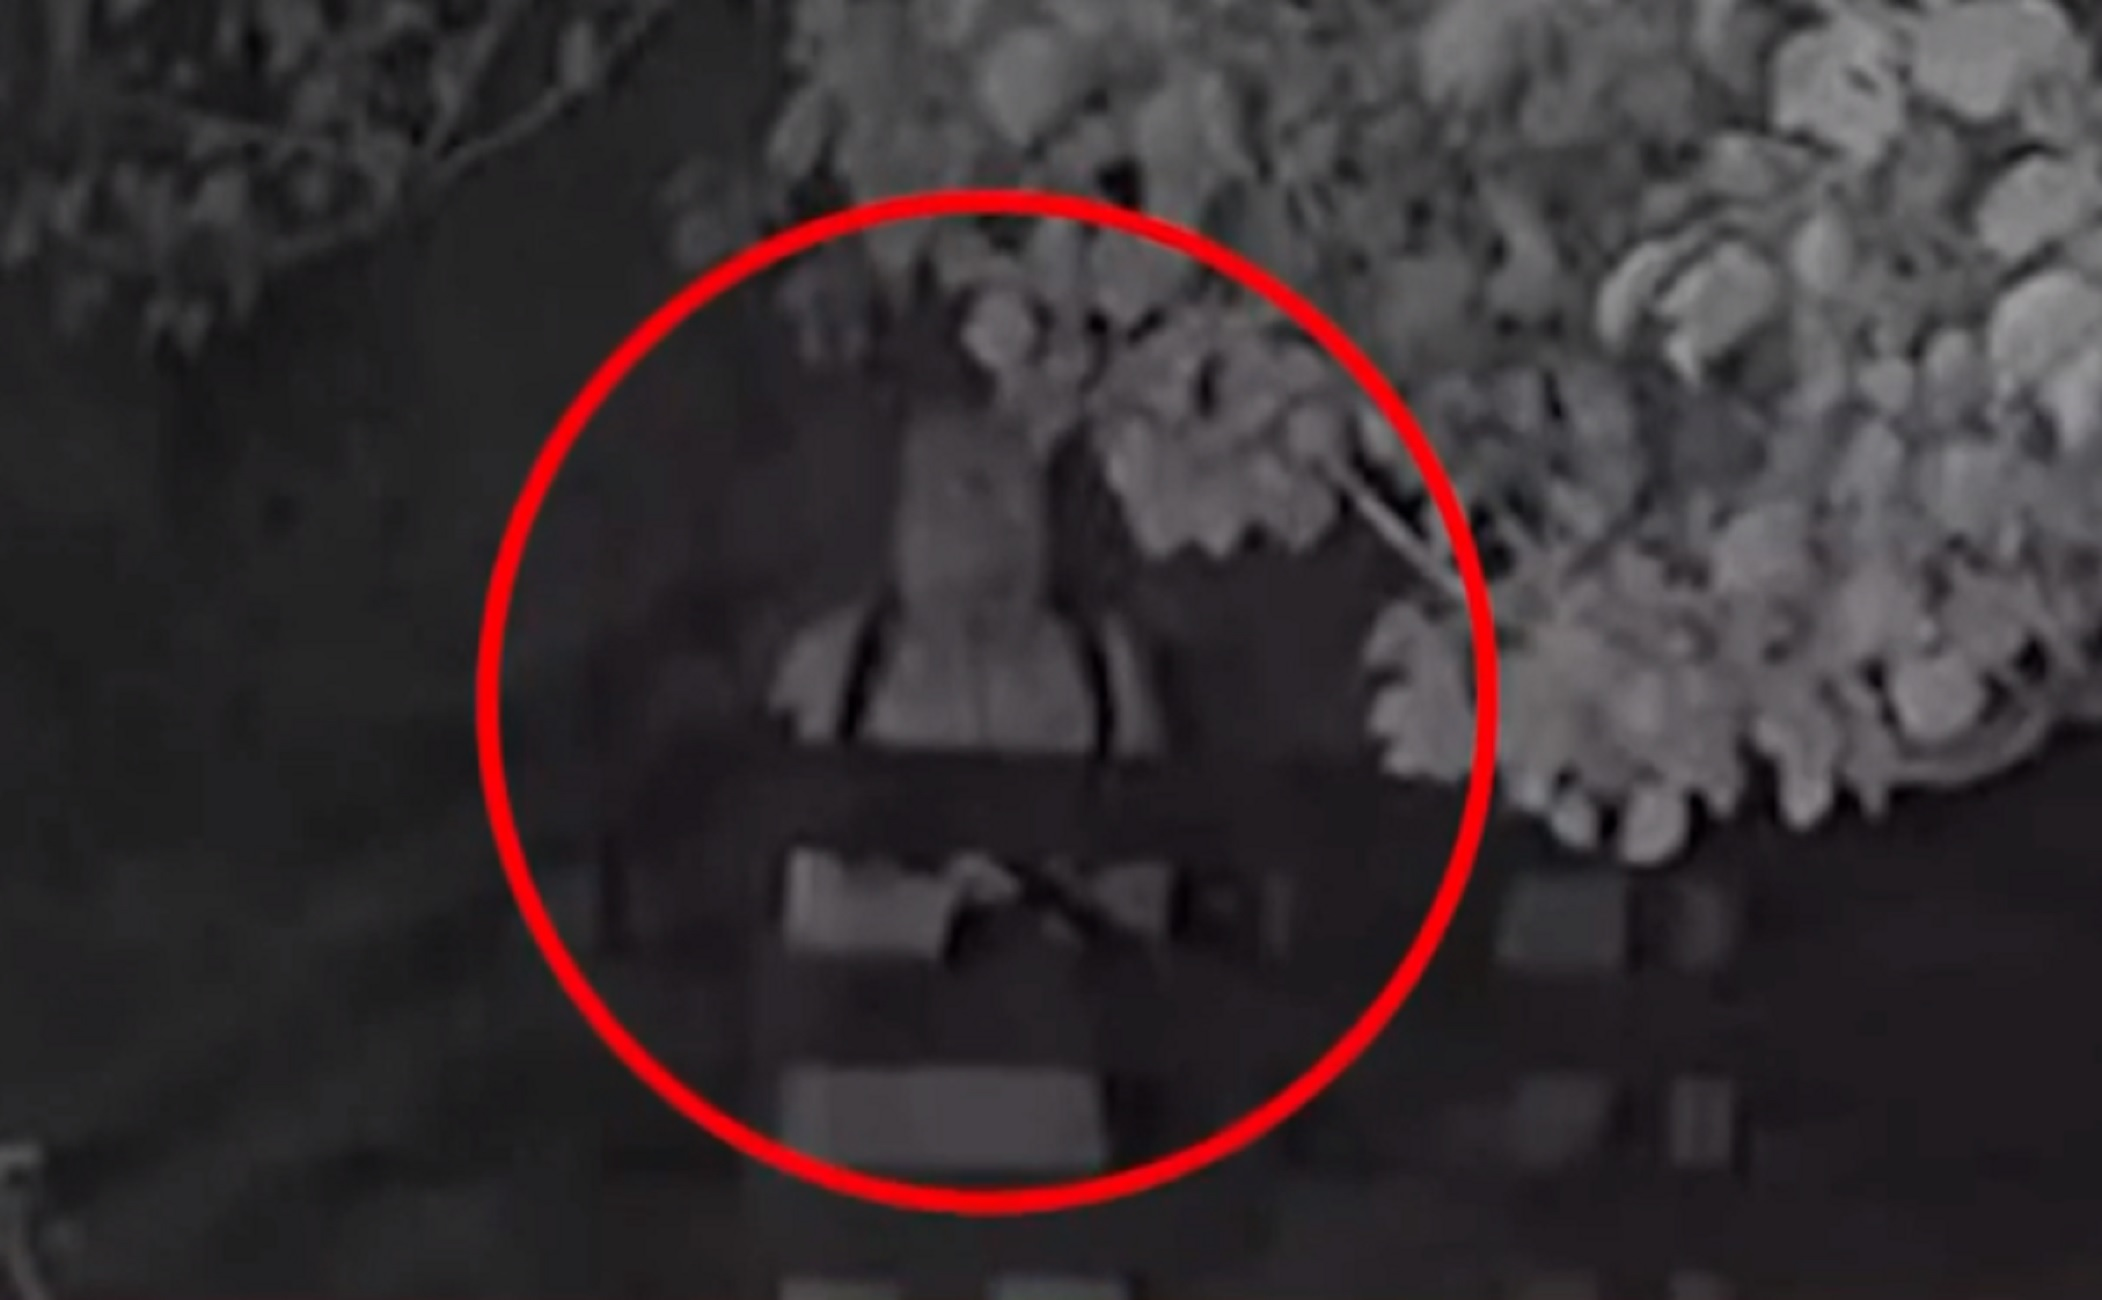 Βόλος: Ο τοξοβόλος επέστρεψε – Νέα επίθεση σε σκύλο που σώθηκε από θαύμα (video)